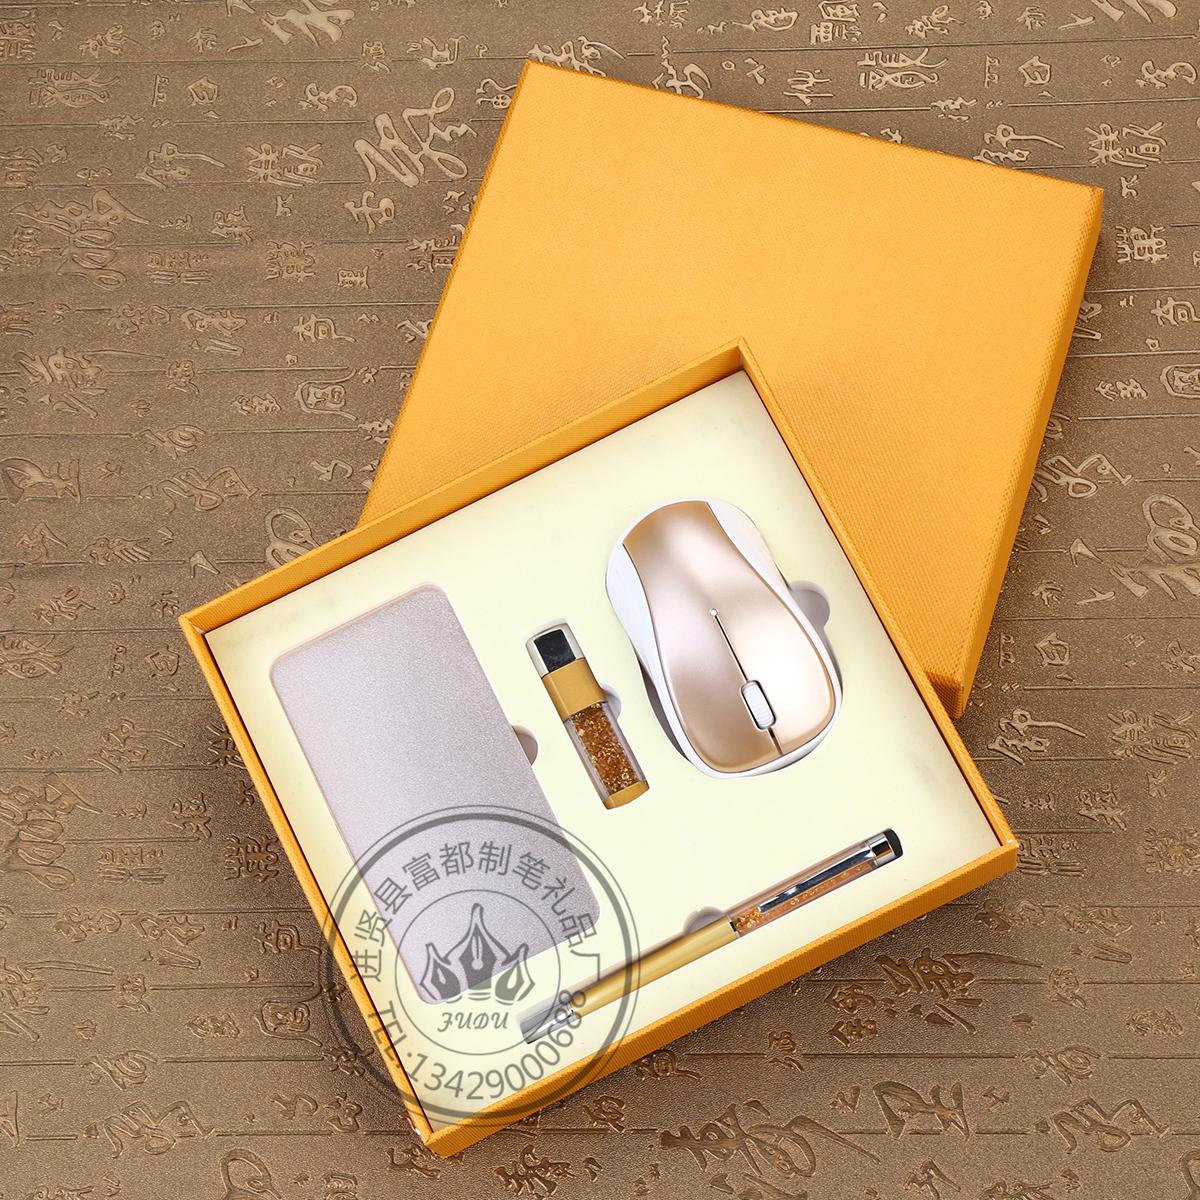 公司礼品定制鼠标+U盘+充电宝+圆珠笔商务移动电源礼品套装